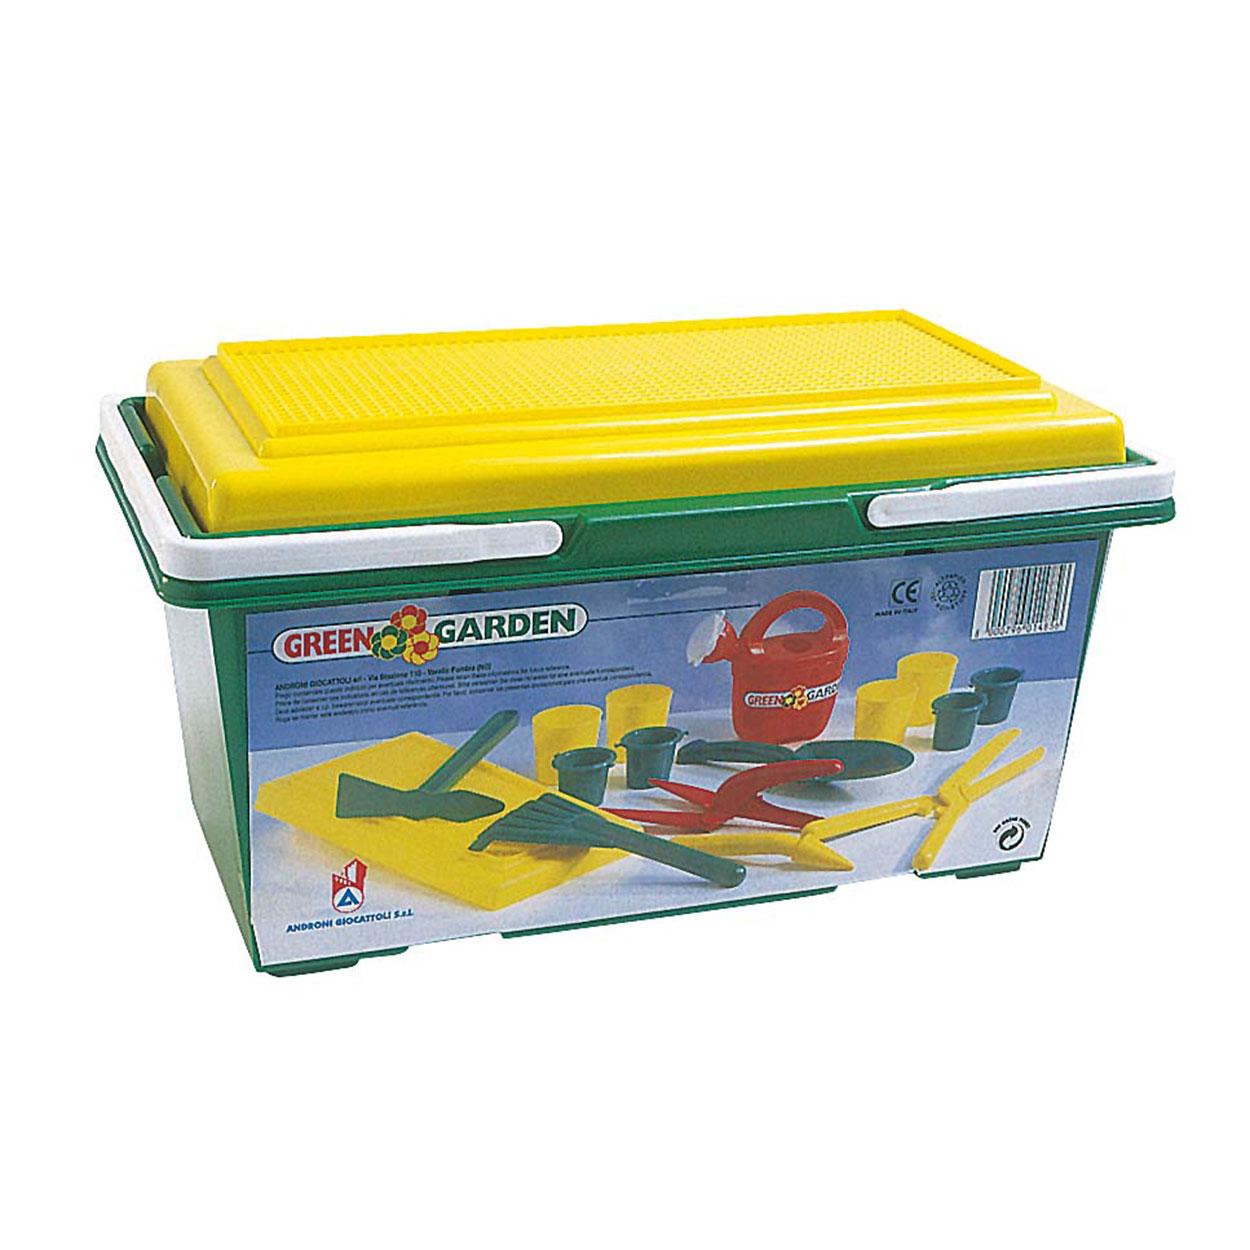 Opbergbox Voor Tuingereedschap.Tuingereedschap In Opbergbox